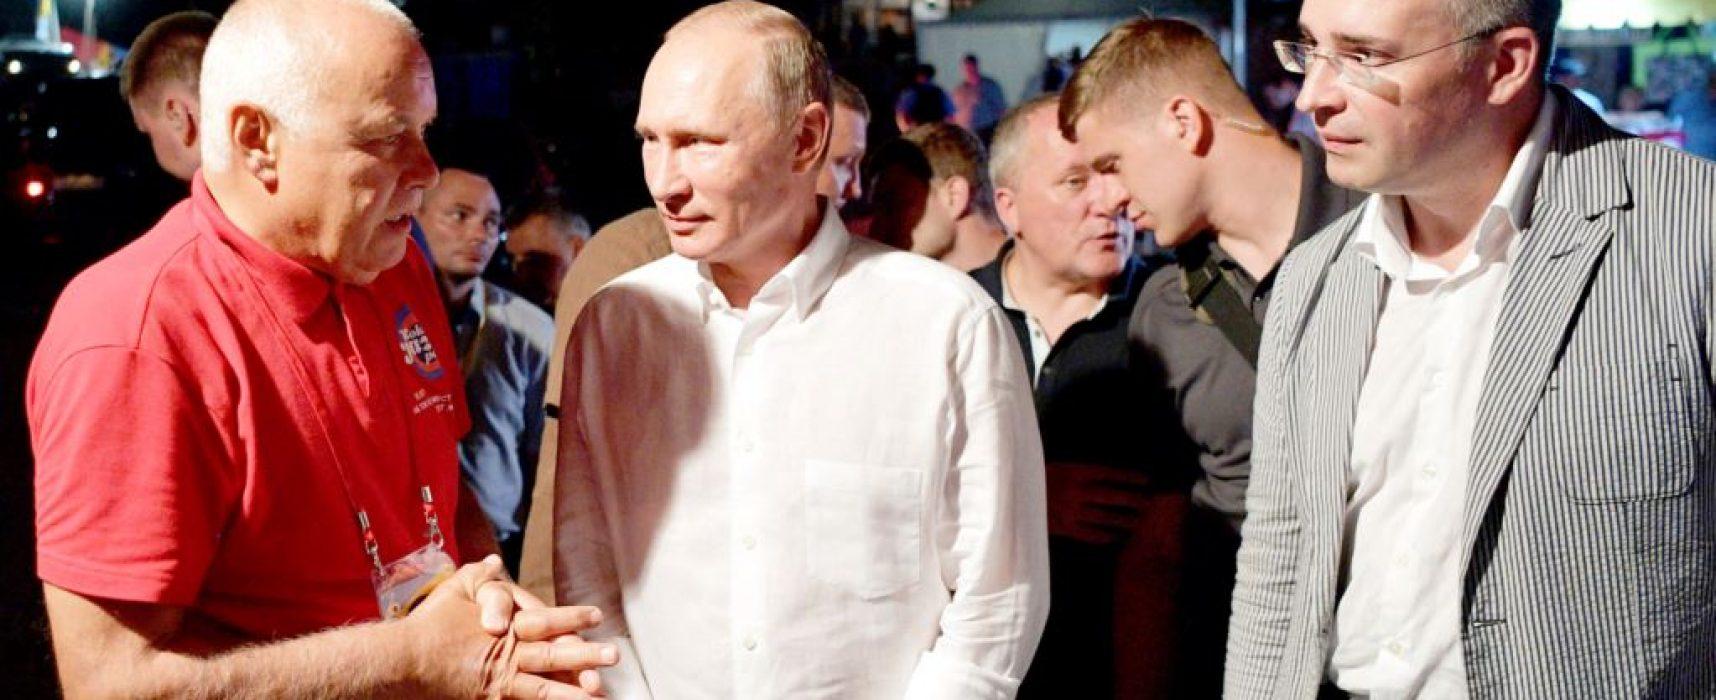 Царство стоп-листов. Рассказ экс-редактора путинского телевидения